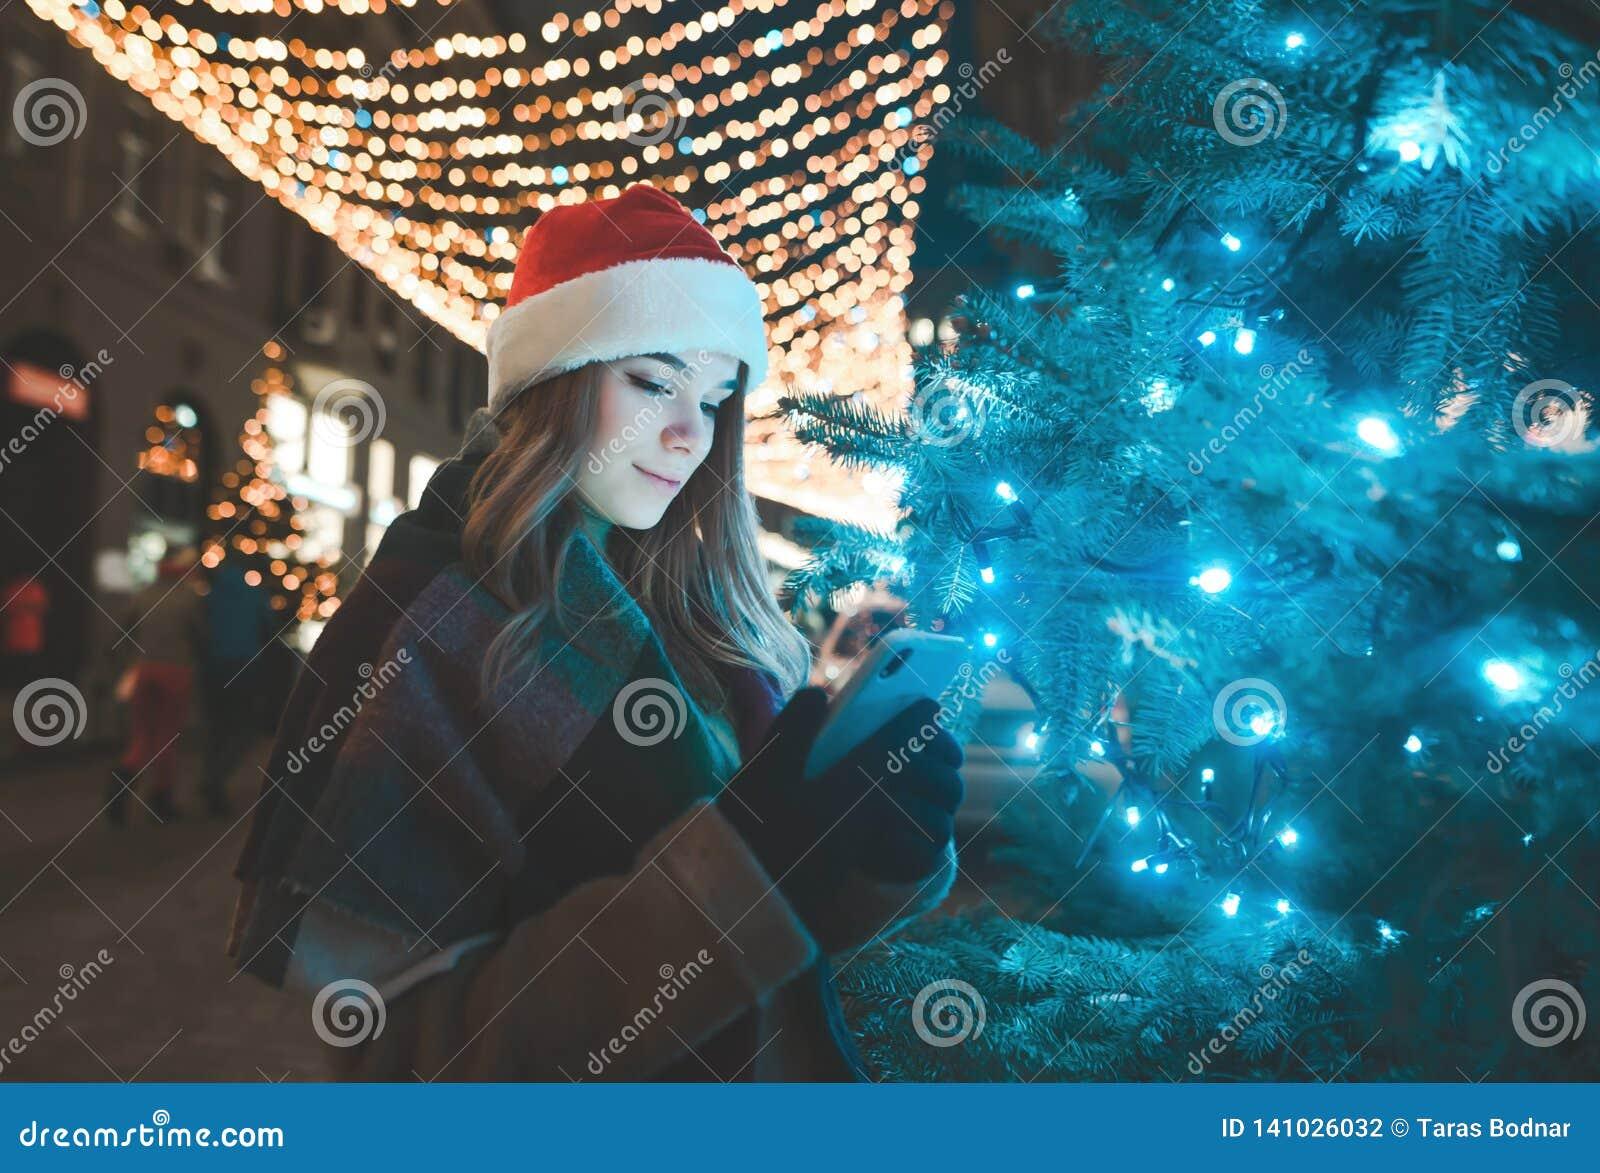 Η γλυκιά γυναίκα σε ένα καπέλο Χριστουγέννων στέκεται σε ένα δέντρο σε μια οδό που διακοσμείται σε διακοπές και χρησιμοποιεί ένα